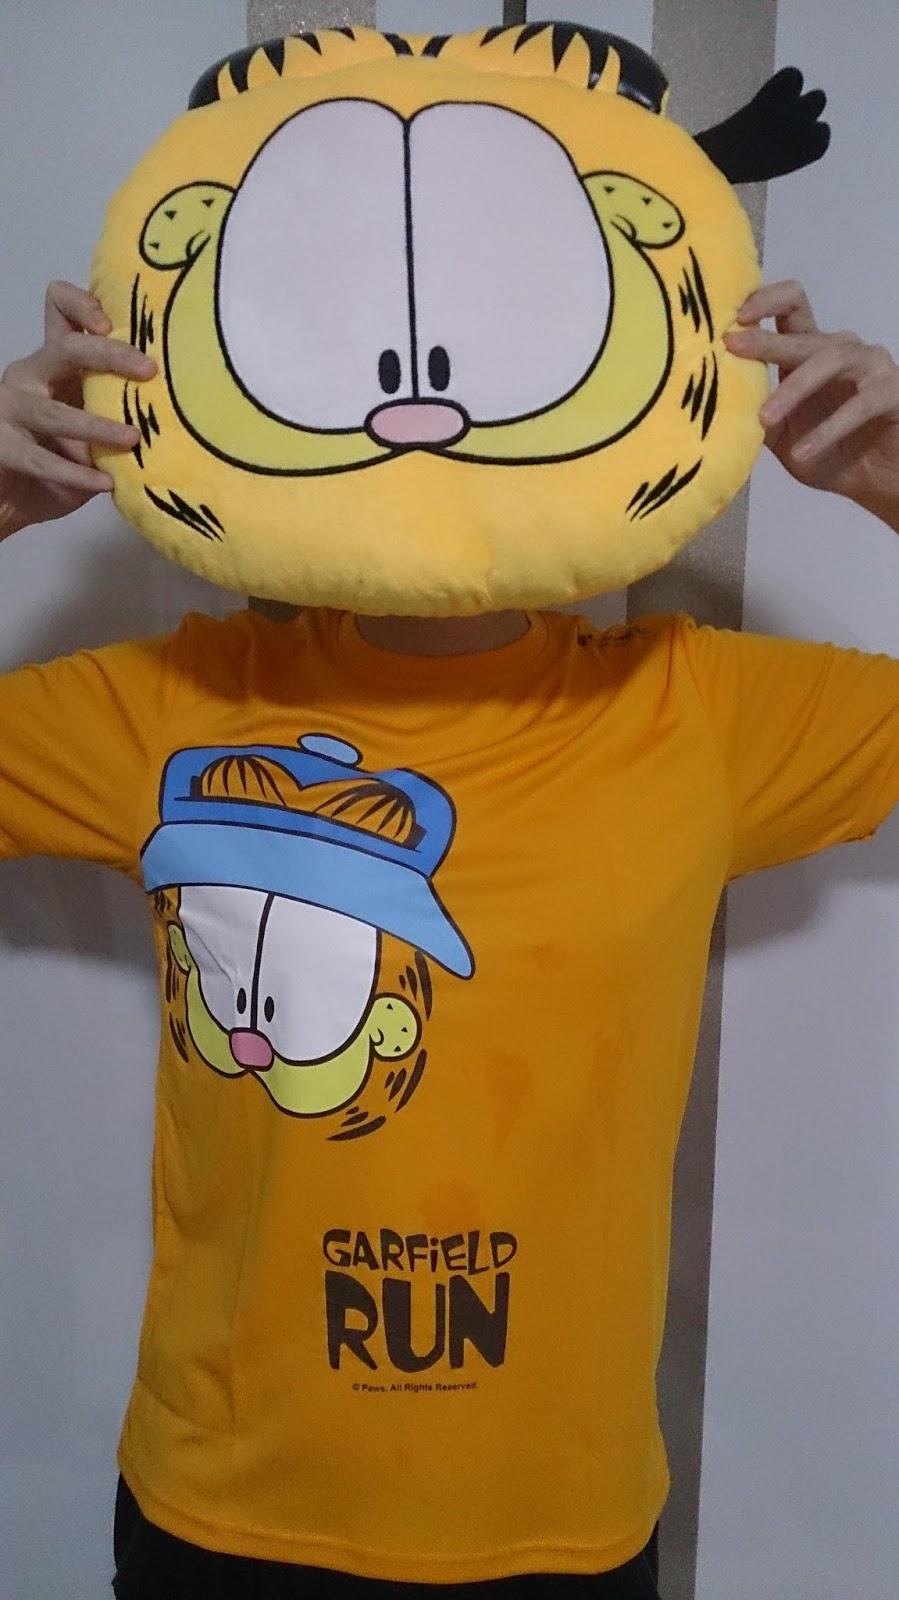 Garfield Run Singapore 2016 Eat Play Sweat